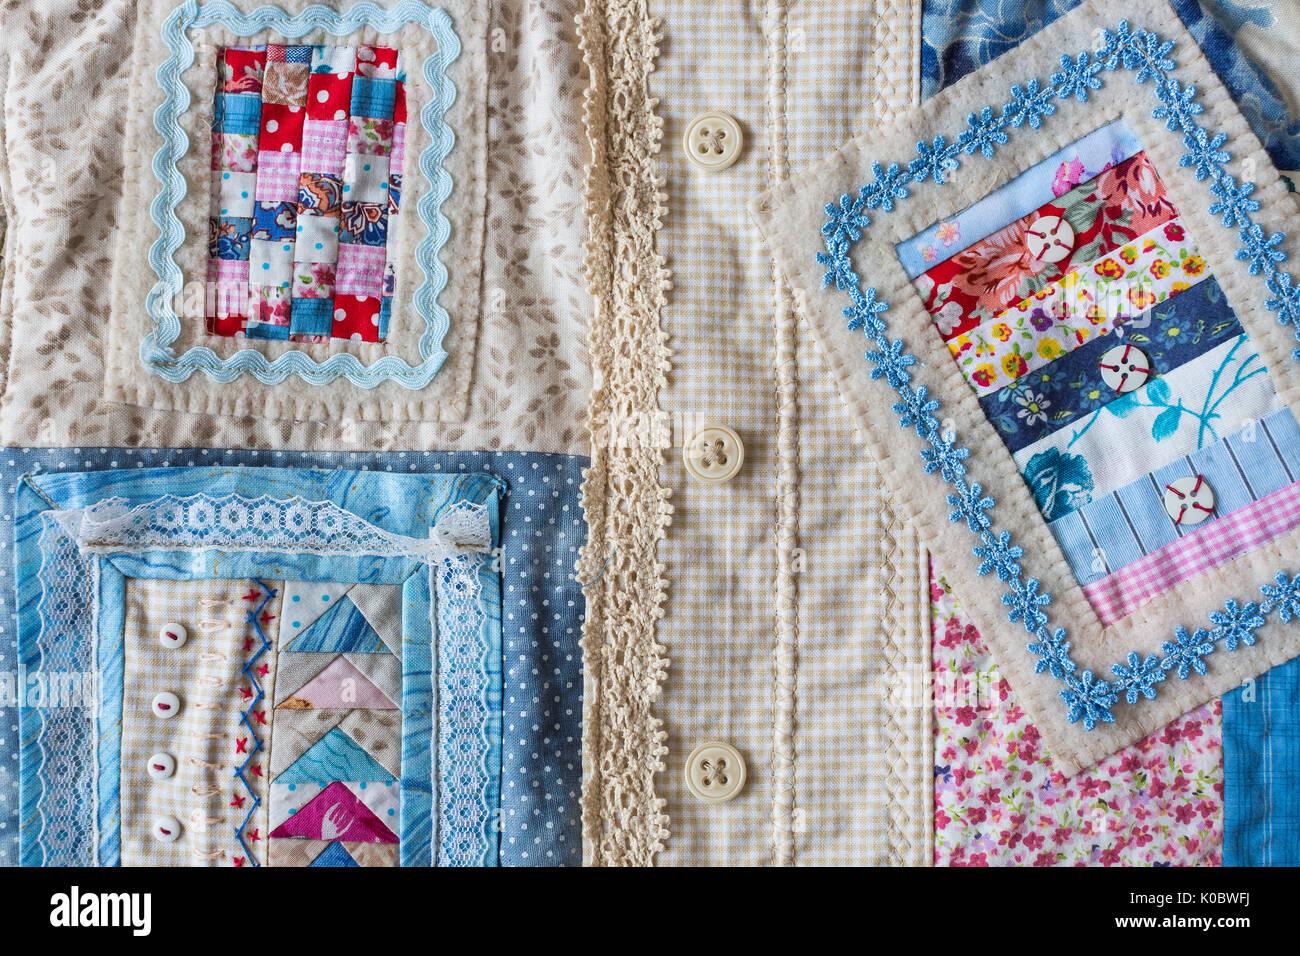 Hechos a mano, moda, accesorios concepto -flatlay de encantadoras mujeres bolsa hecha de pana y de la parte delantera de la costura en la técnica Patchwork con coloridos fragmentos ornamentados. Tiene dos correas, encajes y botón Foto de stock